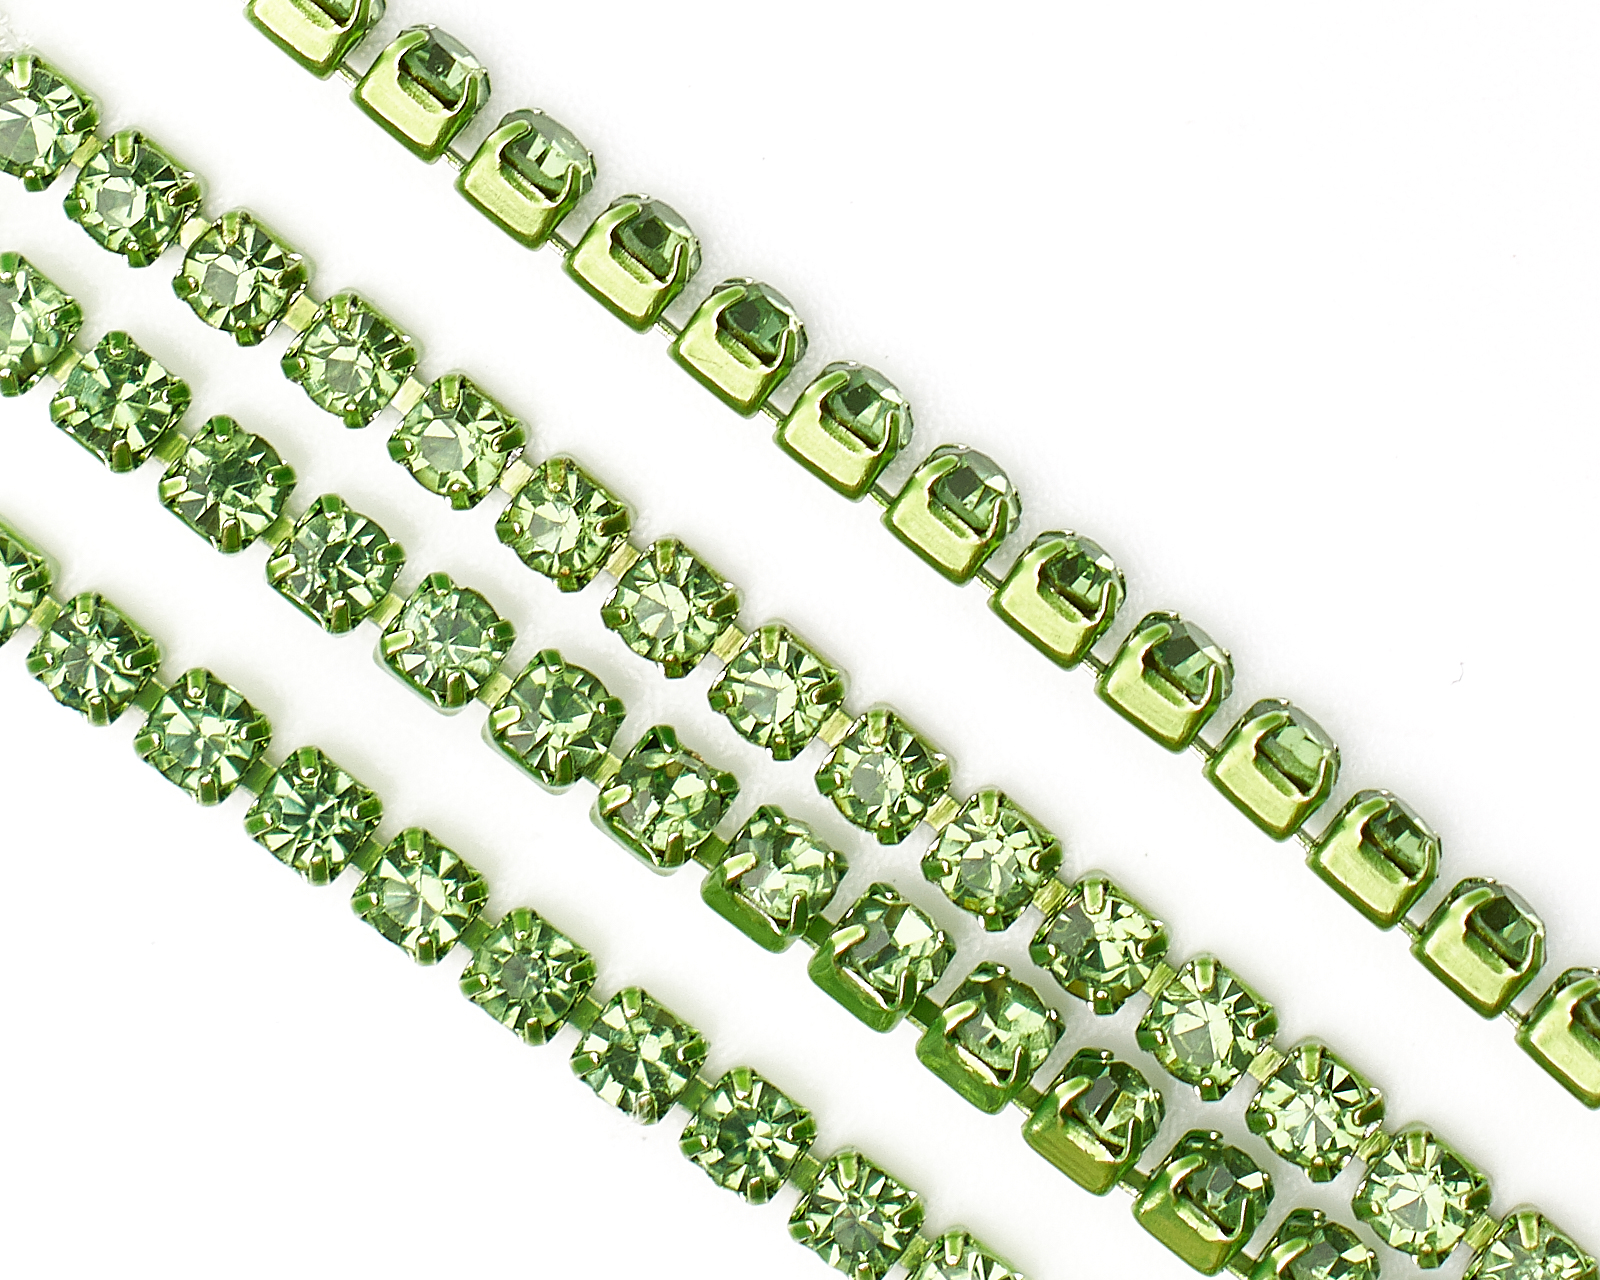 Цепочка со Стразами, Латунная, Звено 2×2 мм, Светло-Зеленая, купить Компоненты для рукоделия в интернет-магазине с доставкой по РФ